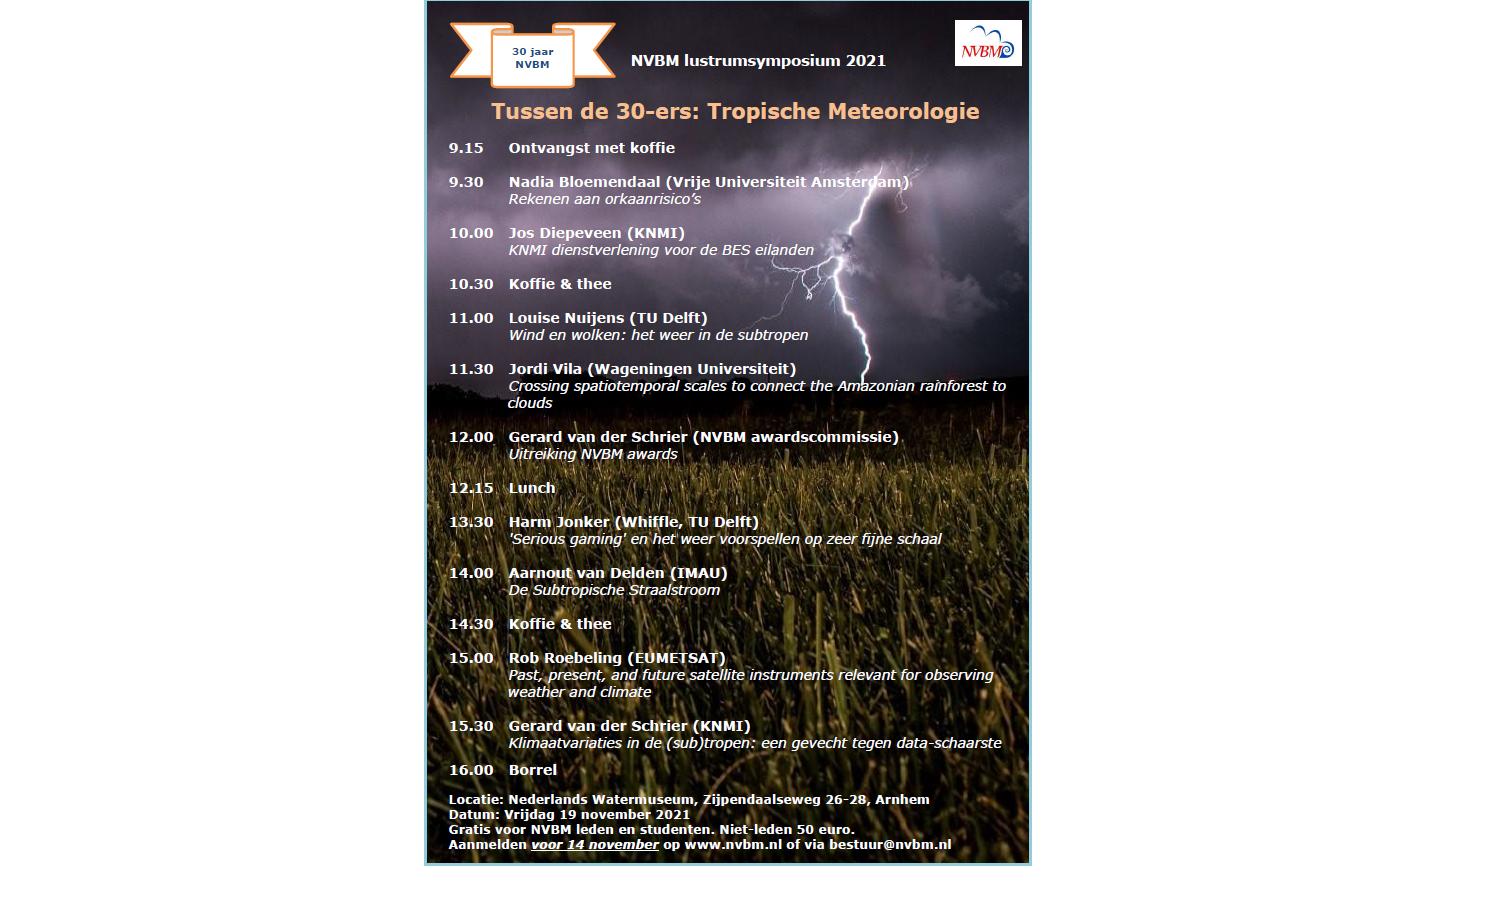 NVBM najaarssymposium. Tussen de 30-ers: Tropische meteorologie